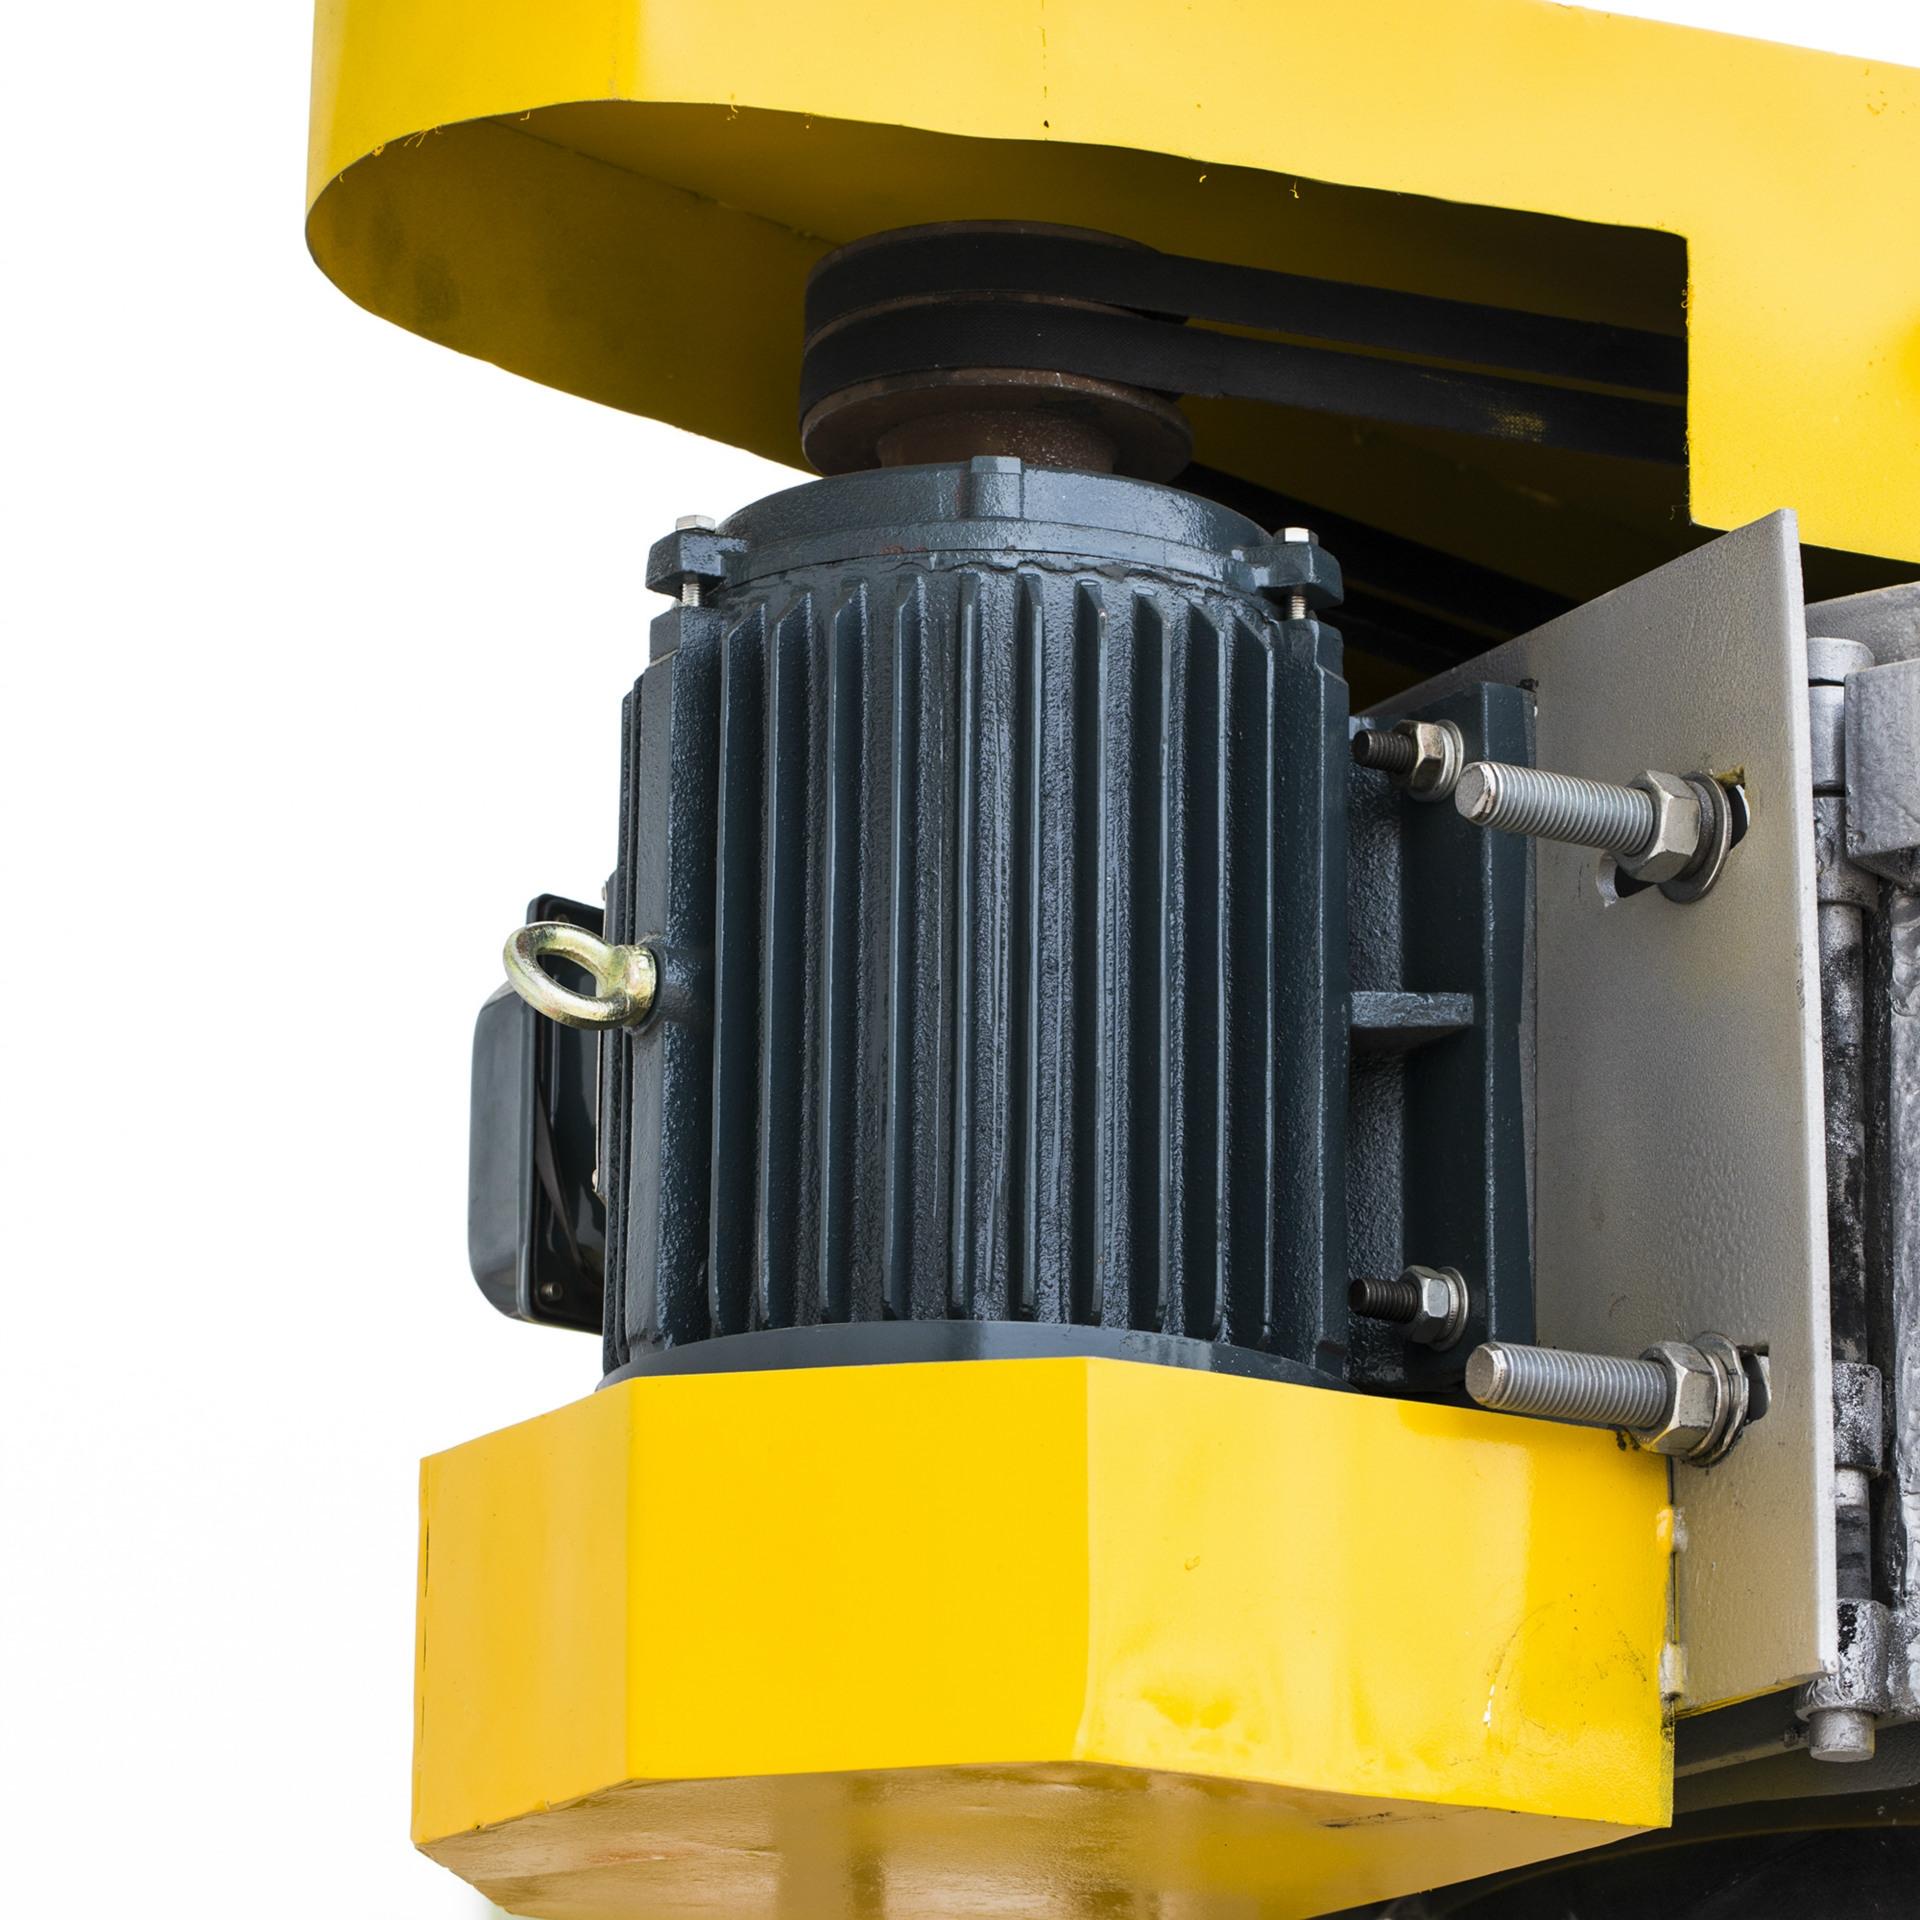 颗粒搅拌机 不锈钢材质立式设计电能传动性